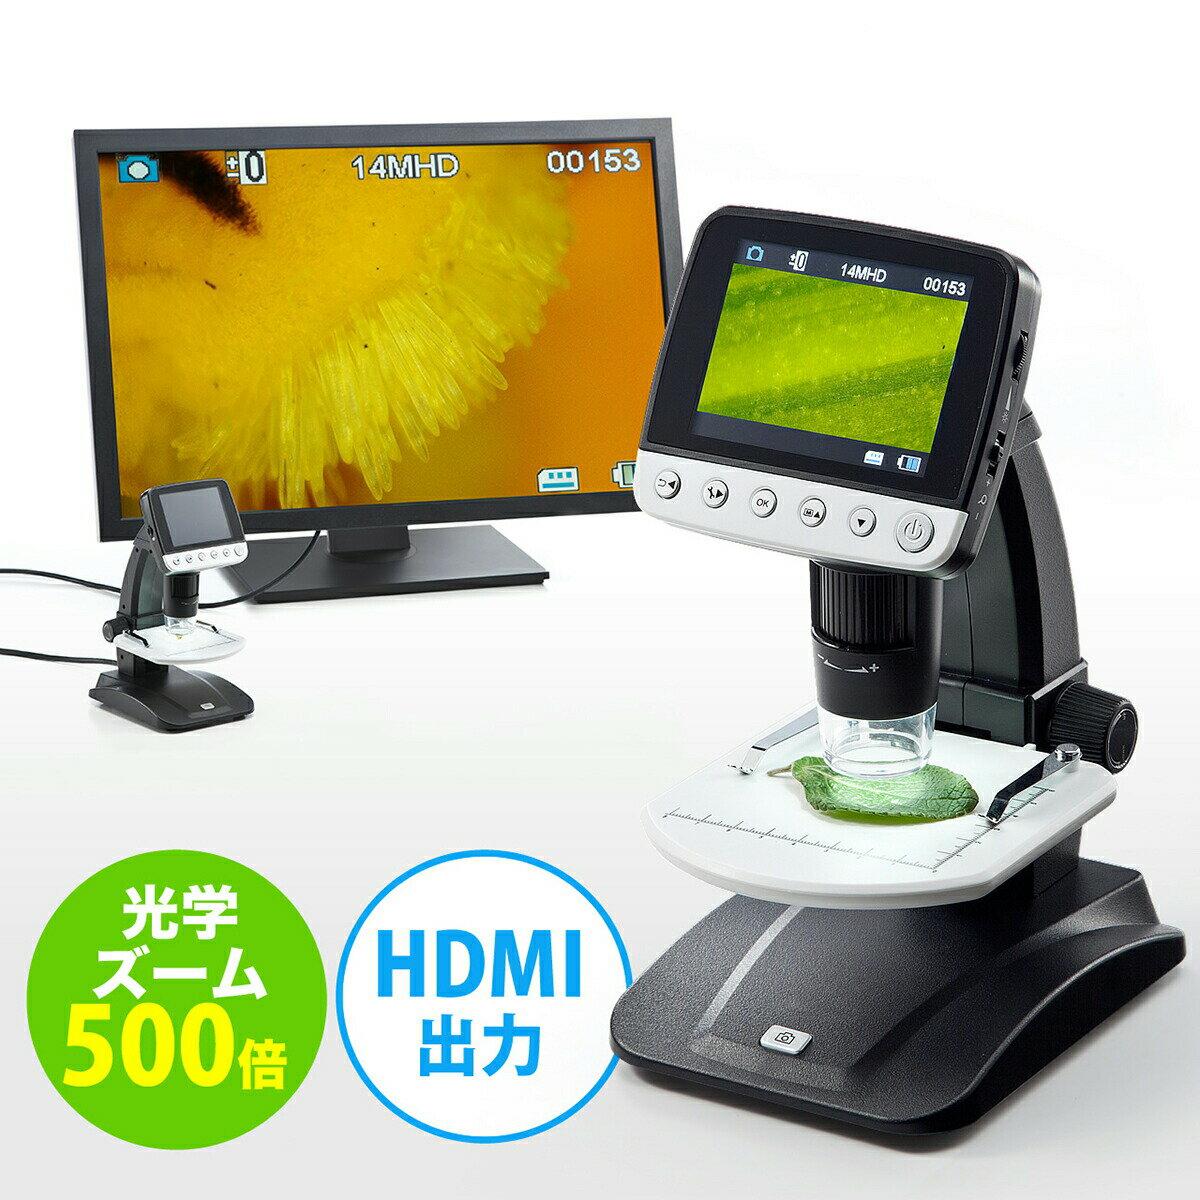 デジタル顕微鏡 3.5インチモニタ搭載 据え置き型 最大500倍 350万画素 HDMI出力対応 フルHD デジタル顕微鏡カメラ デジタルマイクロスコープ 頭皮や肌のチェックに [400-CAM052]【サンワダイレクト限定品】【送料無料】